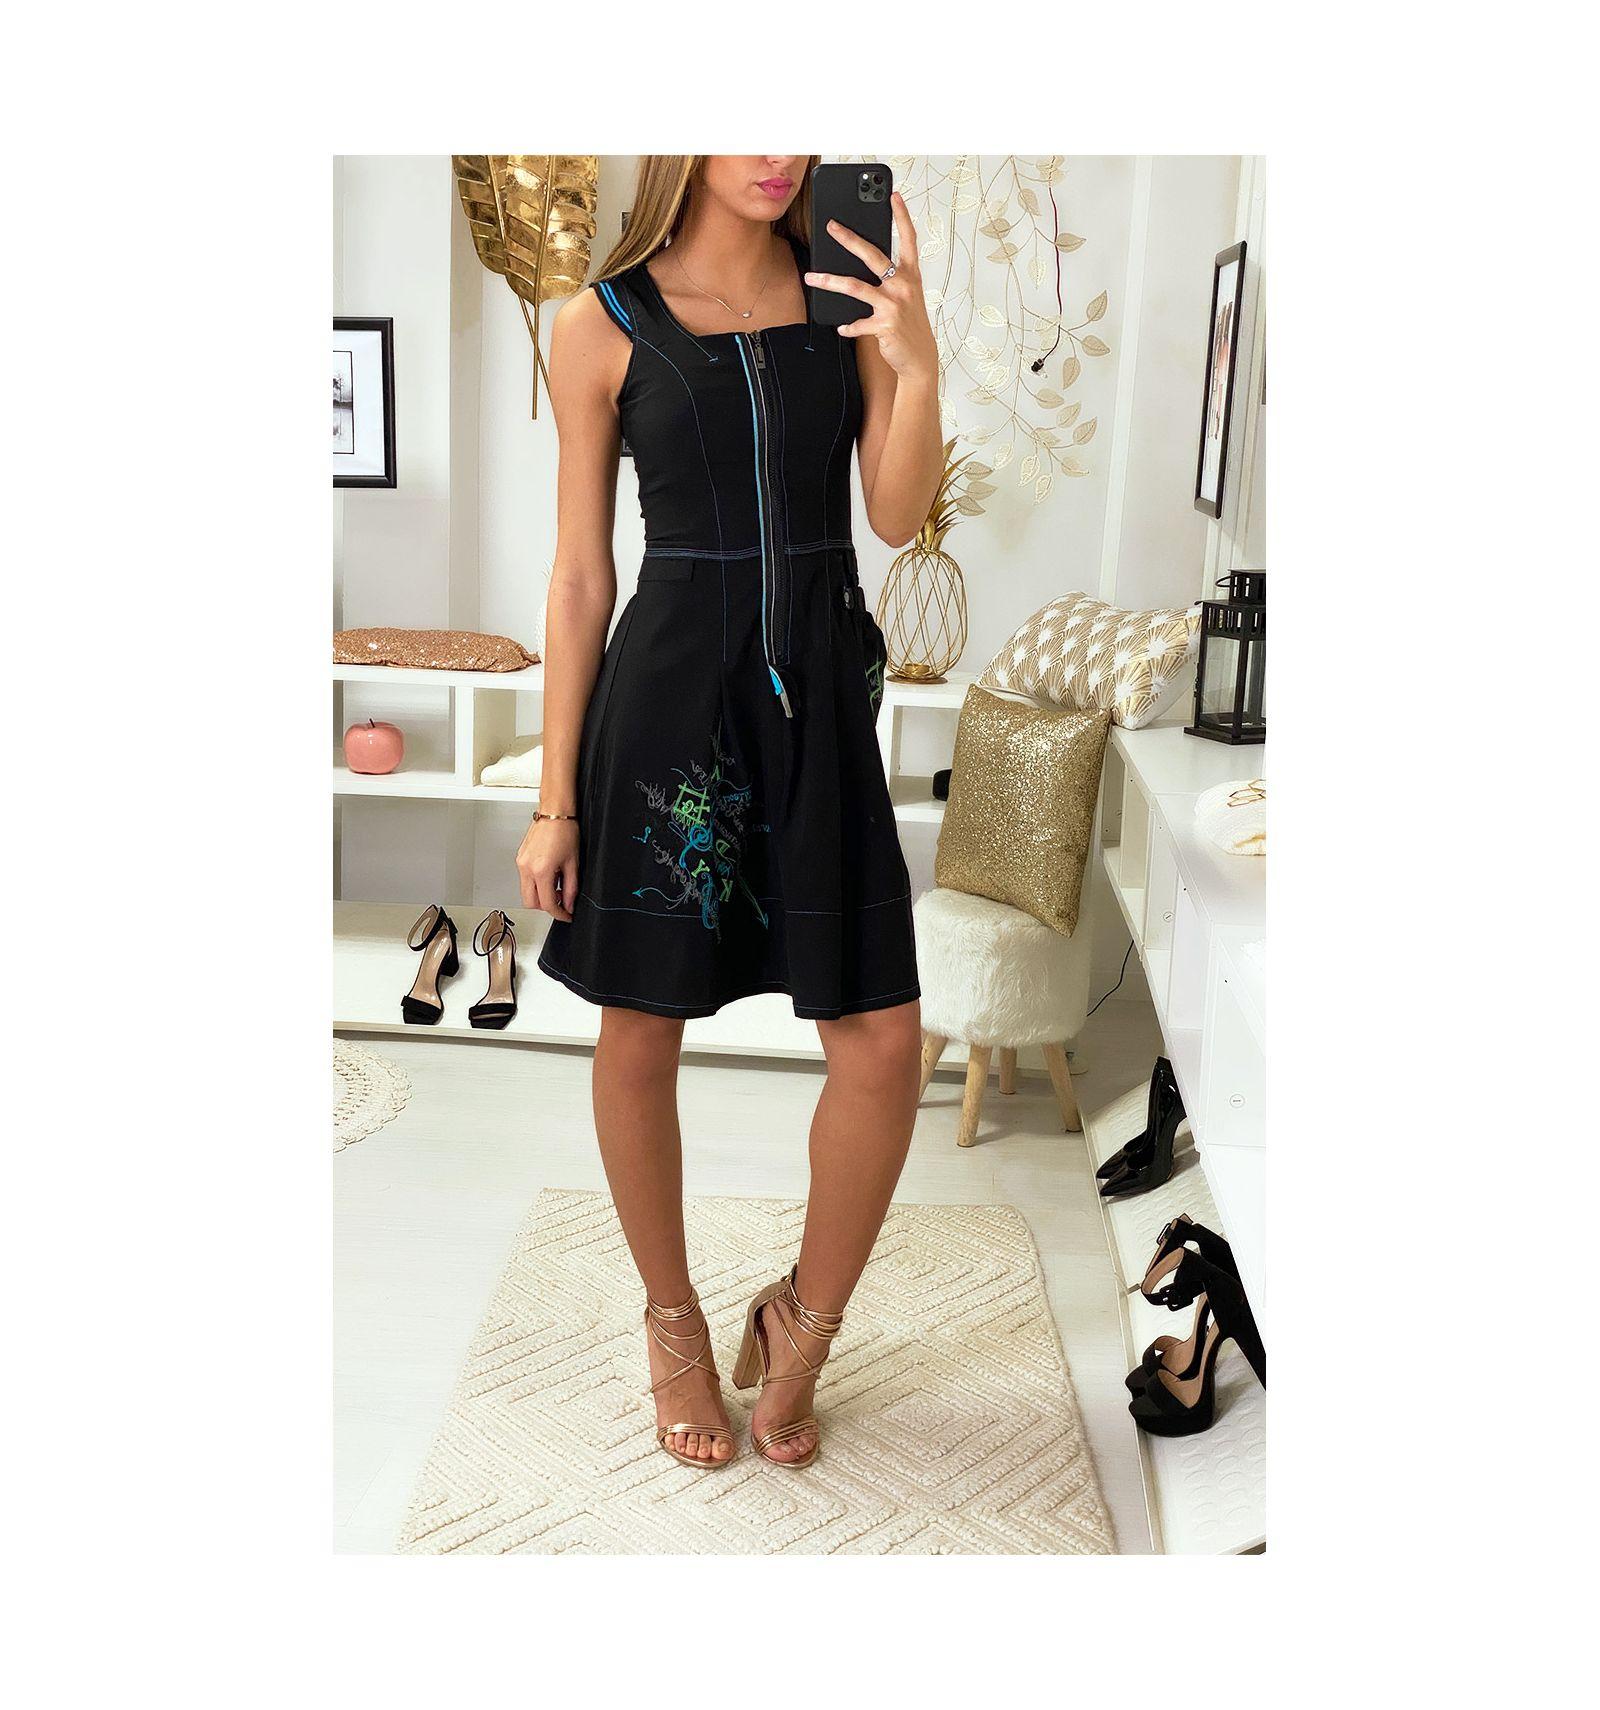 Robe Debardeur Noire A Zip Devant Style Destructure Avec Poche Sur Le Cote Robe Femme